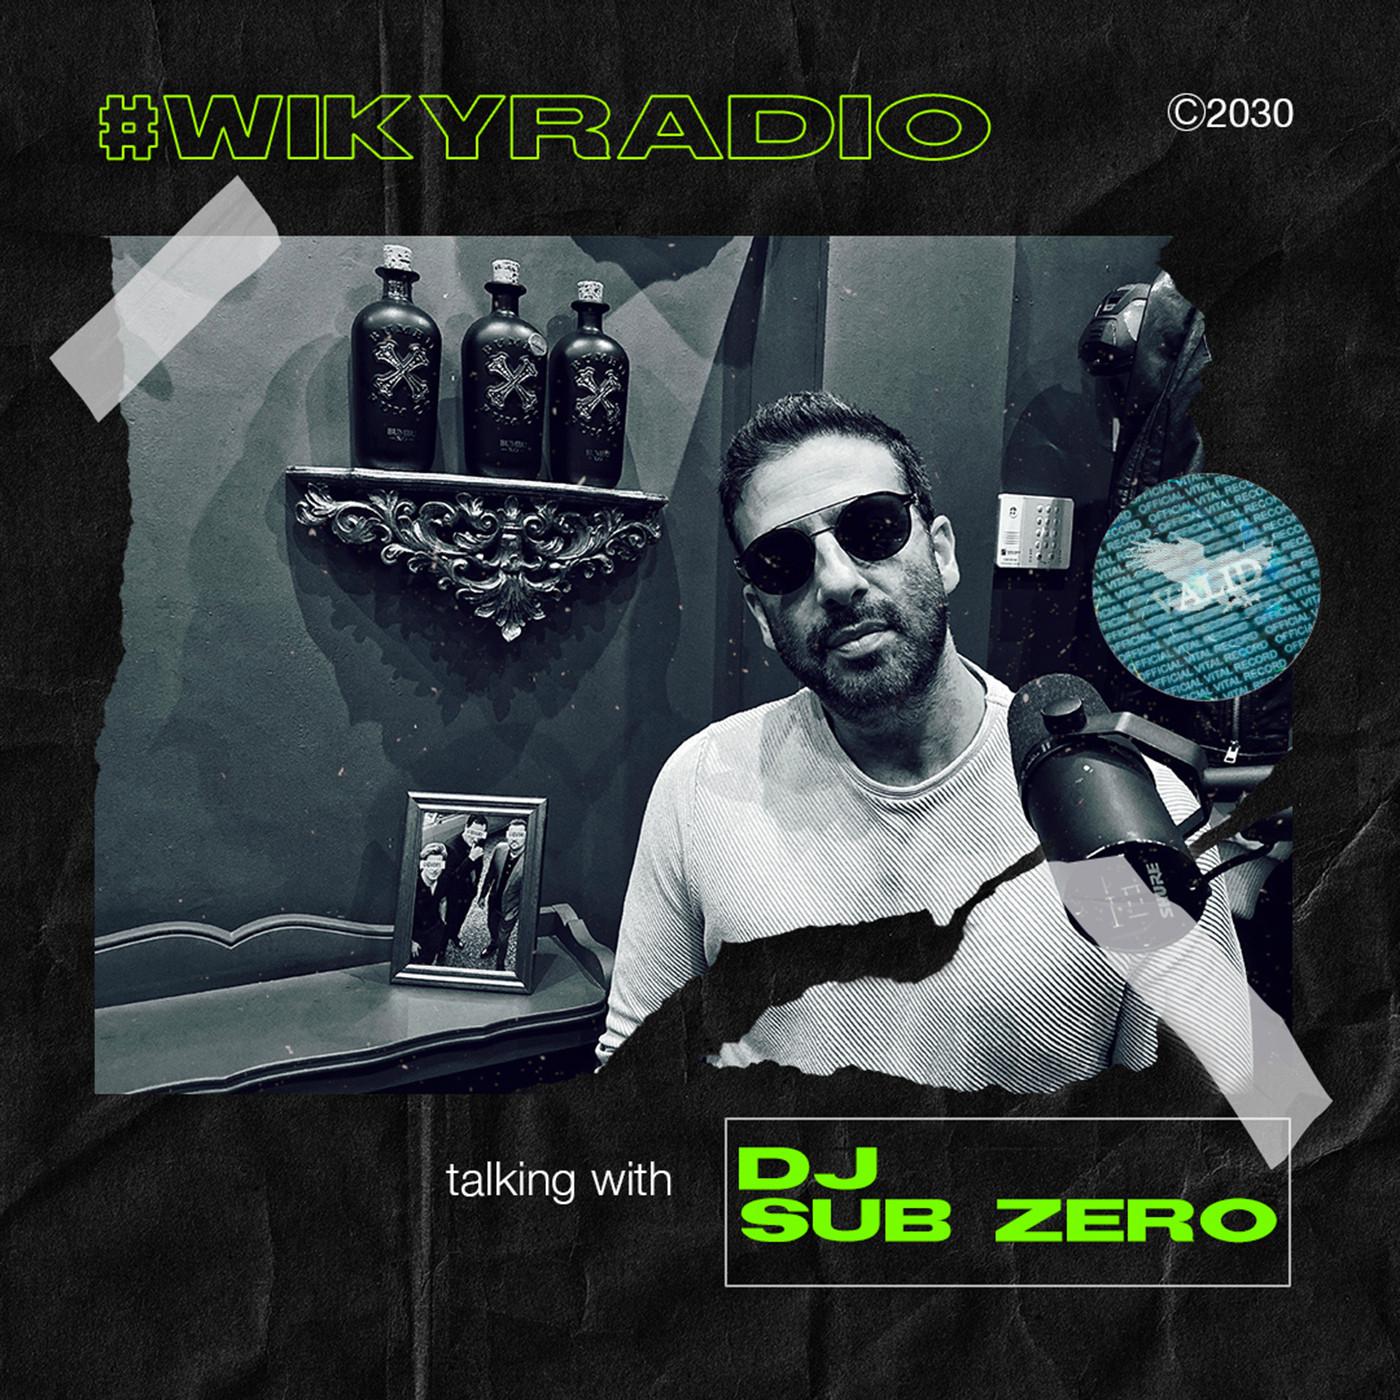 WIKY RADIO - TALKING WITH DJ SUB ZERO